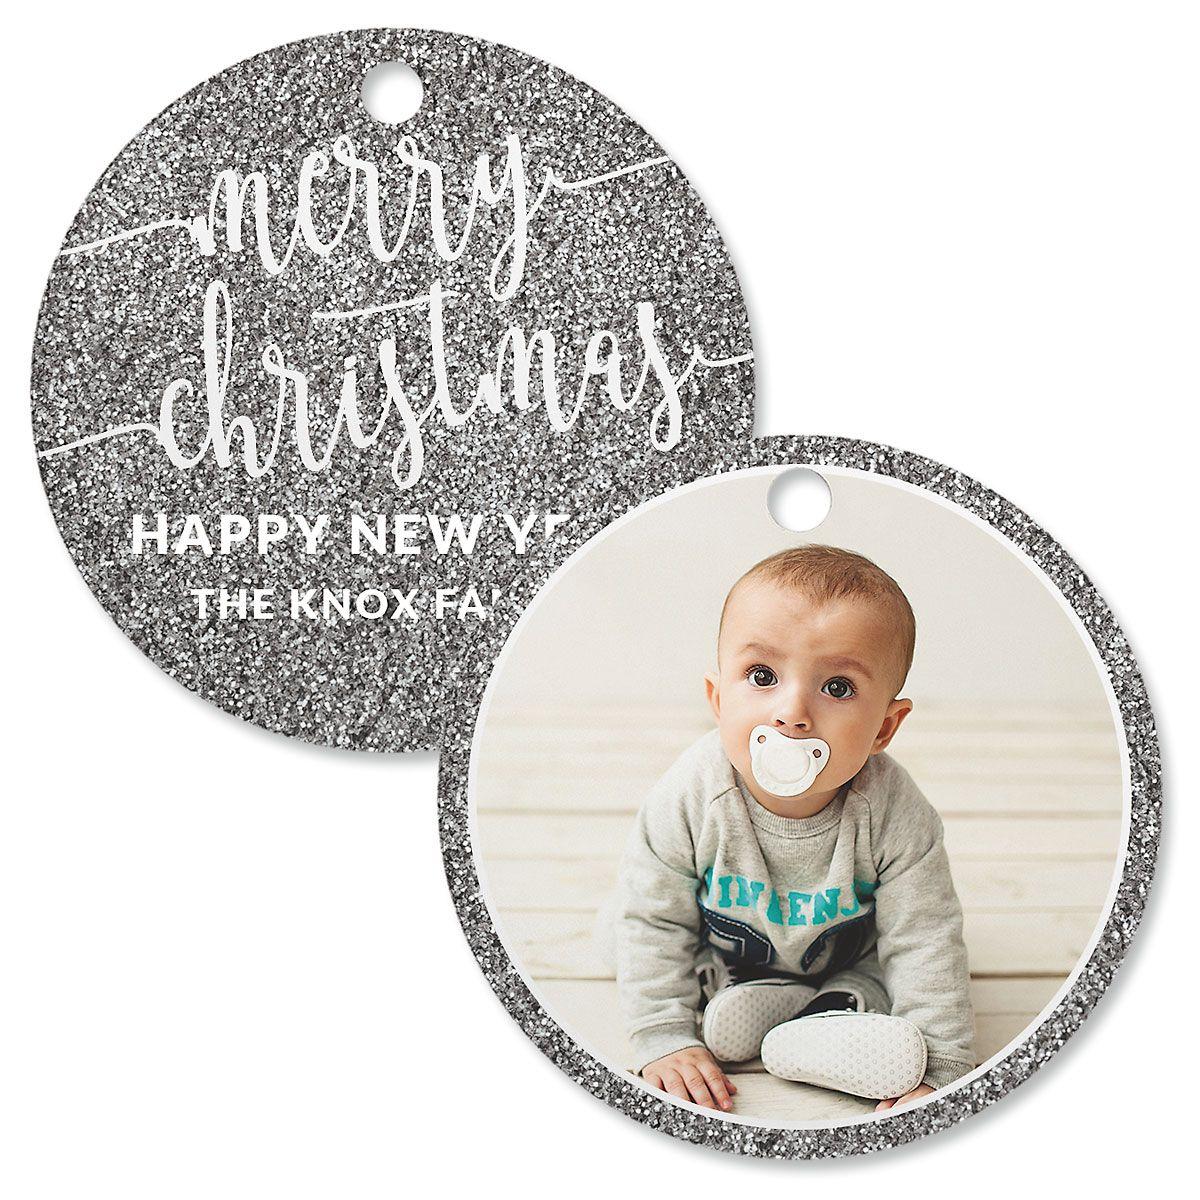 Silver Glitter Photo Ornament – Circle